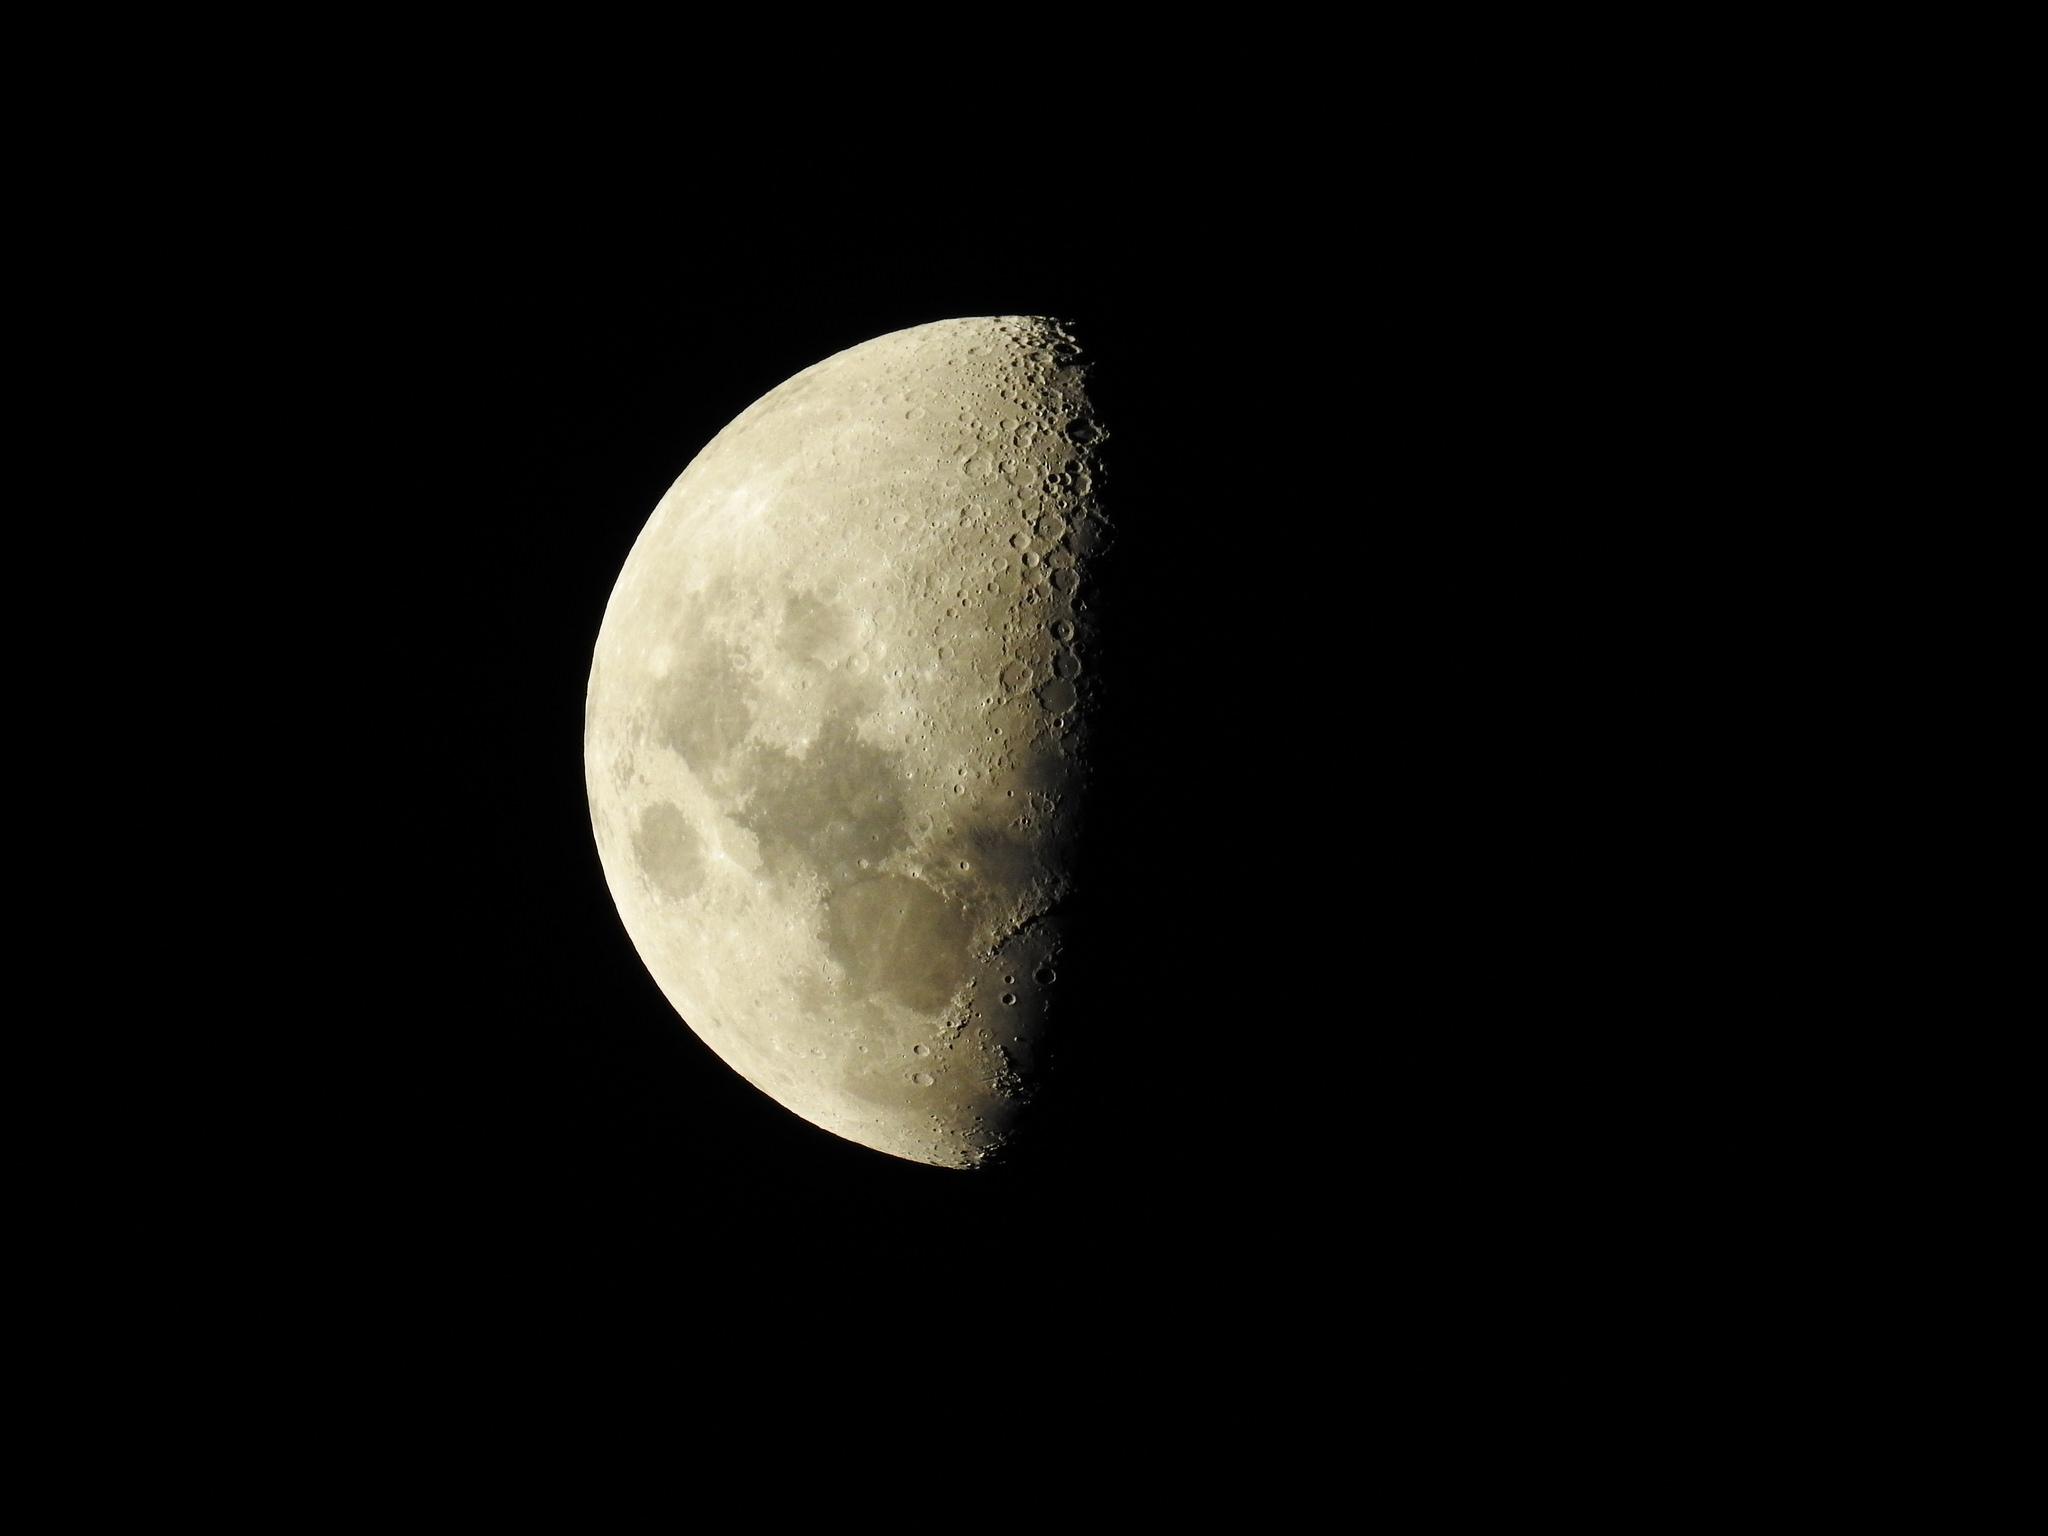 Half Moon   Credit: Flickr